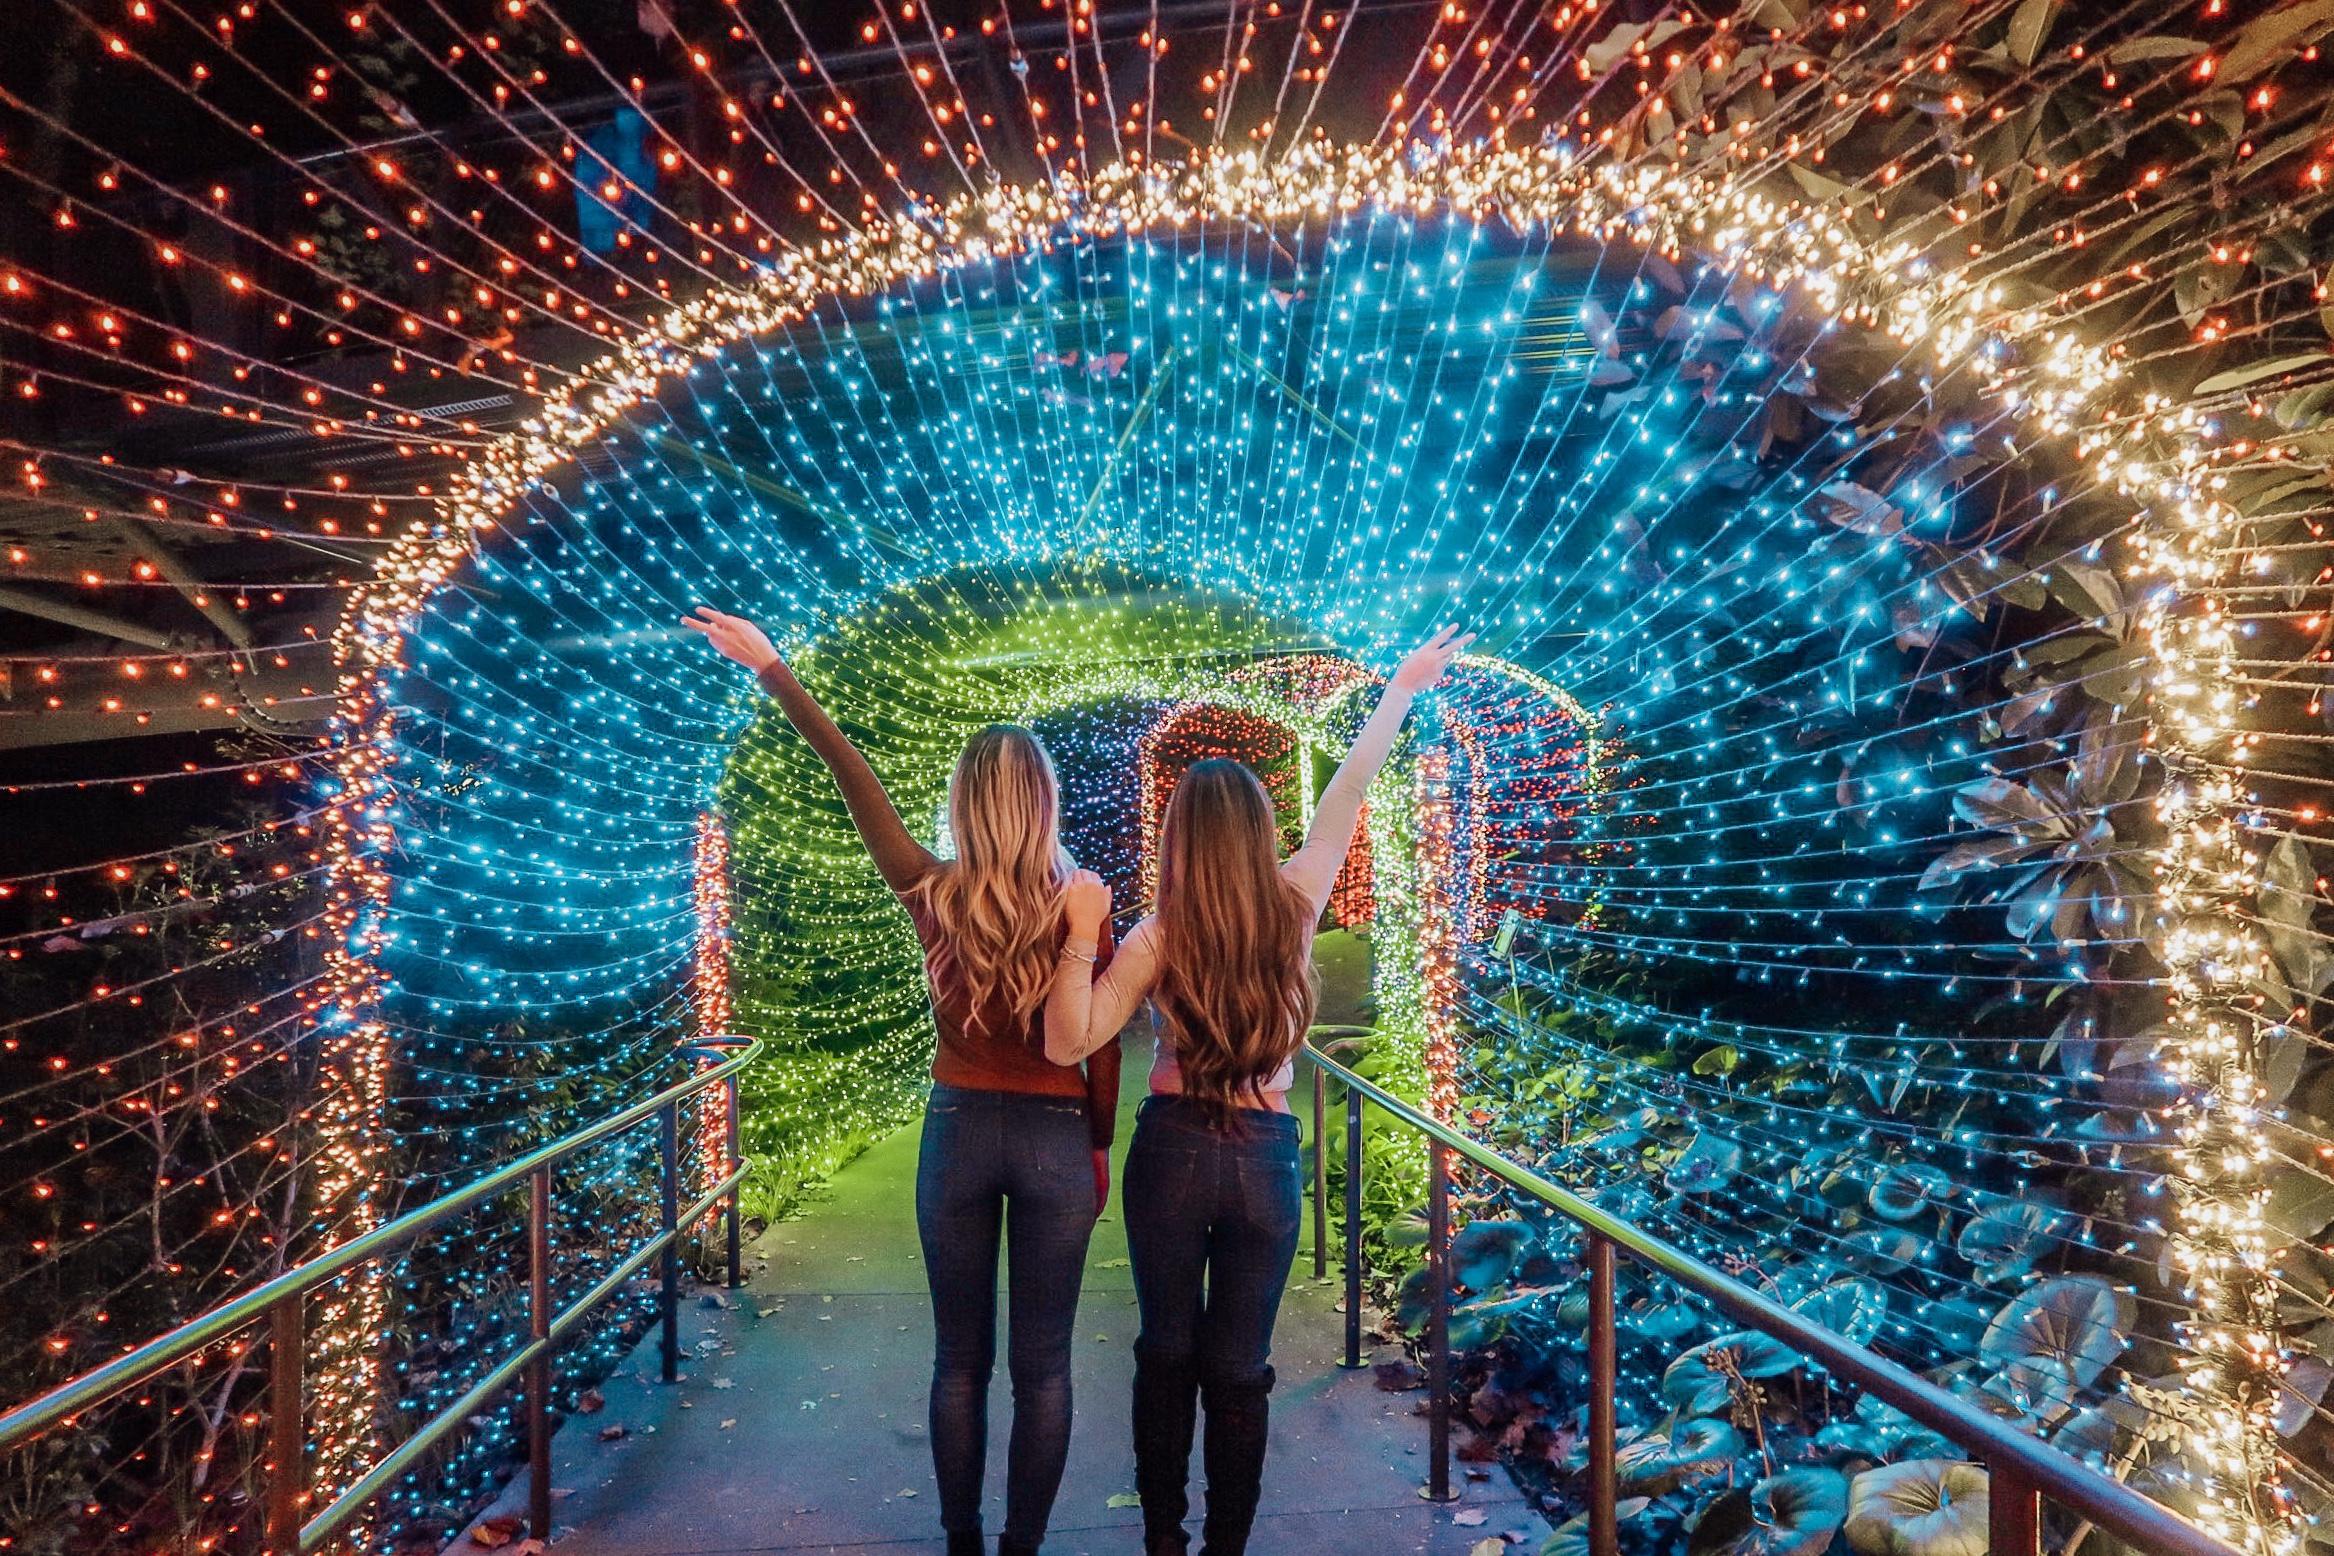 Holiday Lights at Atlanta Botanical Gardens!